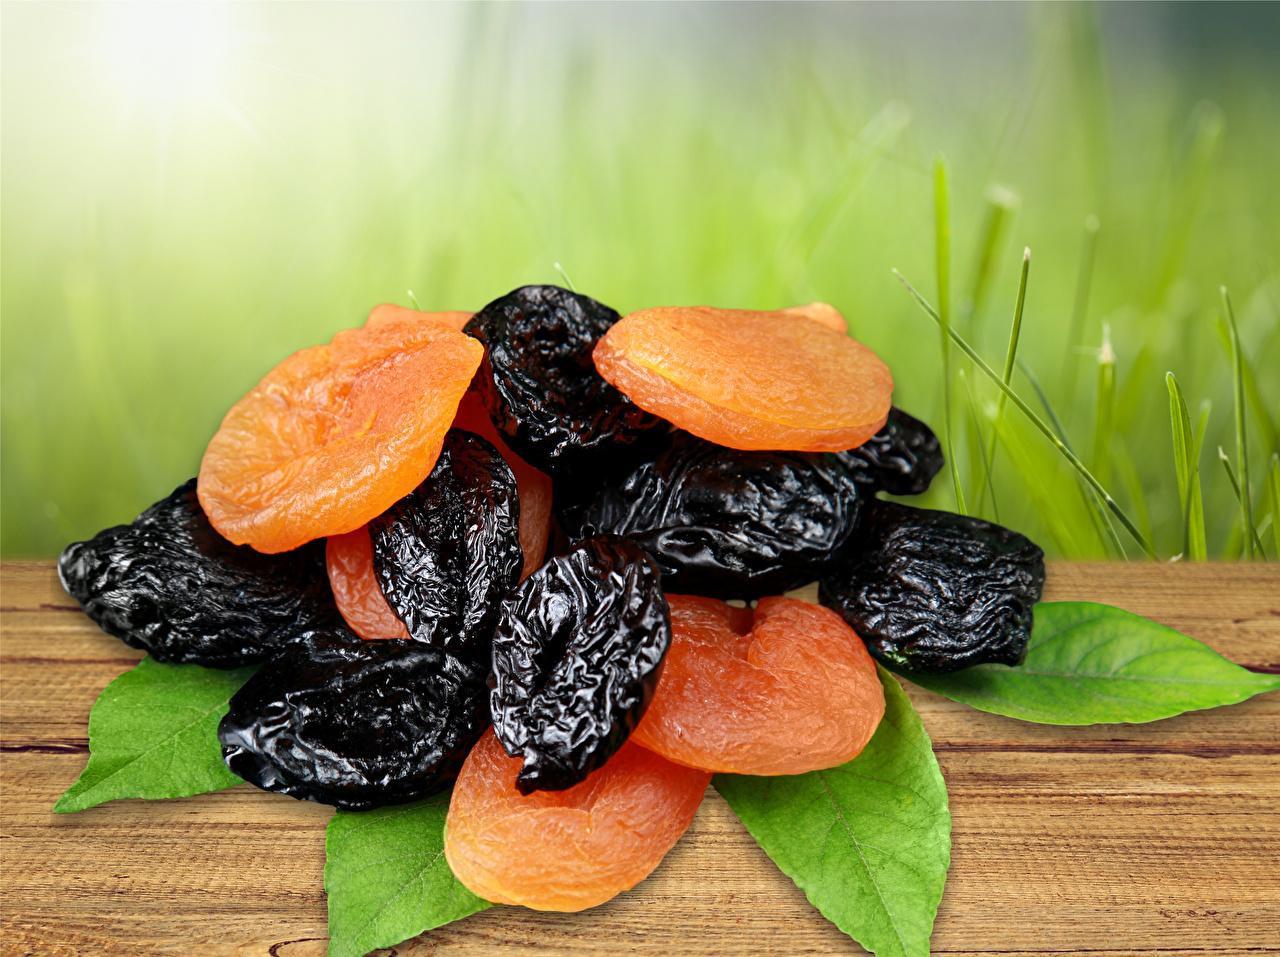 Обои для рабочего стола Сухофрукты Абрикос Сливы Курага Чернослив сухофруктов сушеные абрикосы